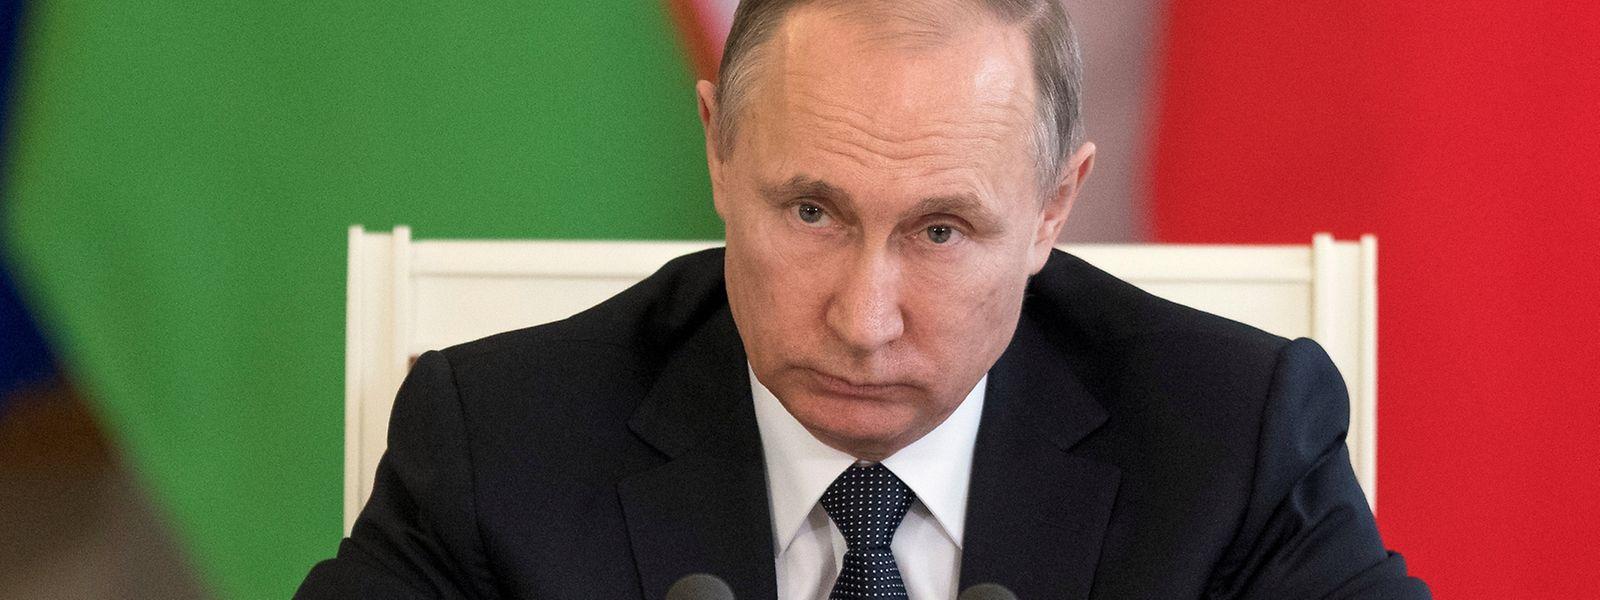 """Wladimir Putin spricht im Zusammenhang mit dem Raketenangriff von einem """"erdachten Vorwand""""."""